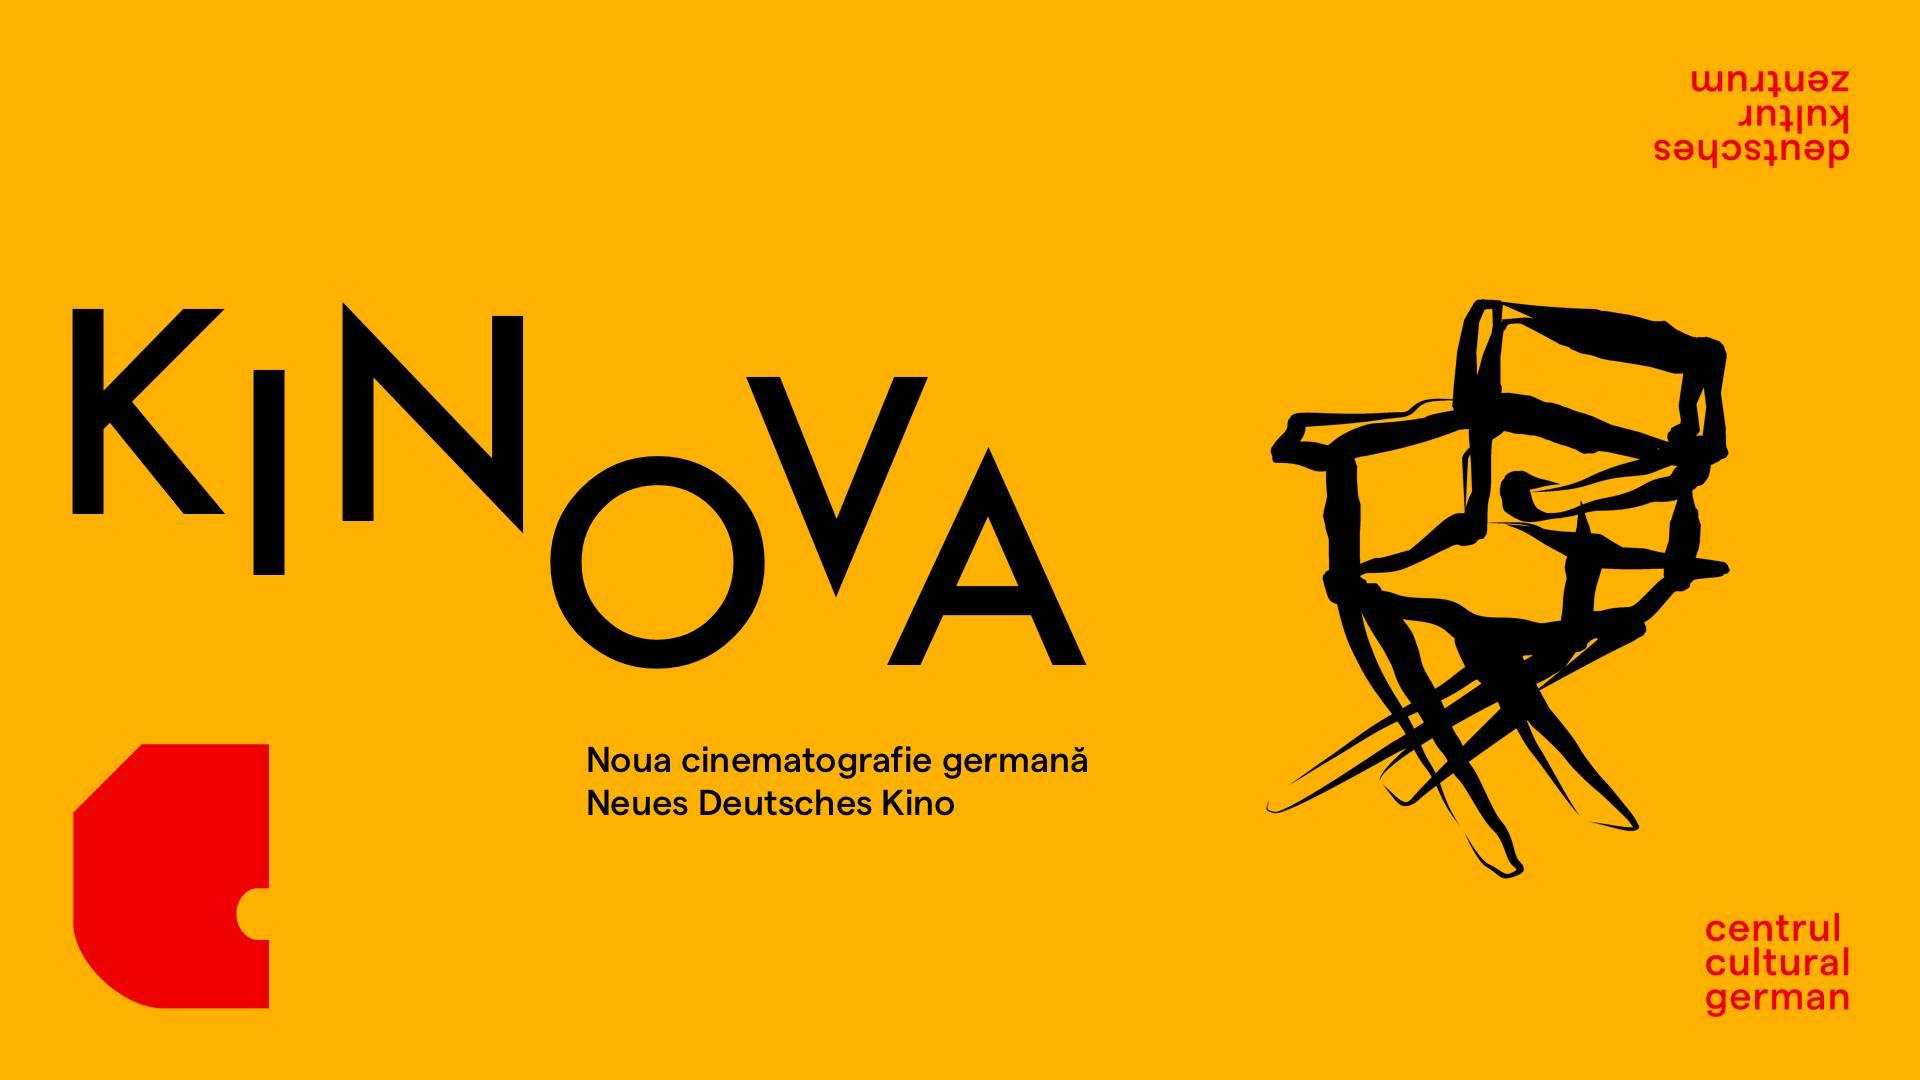 Serie de filme: Kino Nova | Noua cinematografie germană